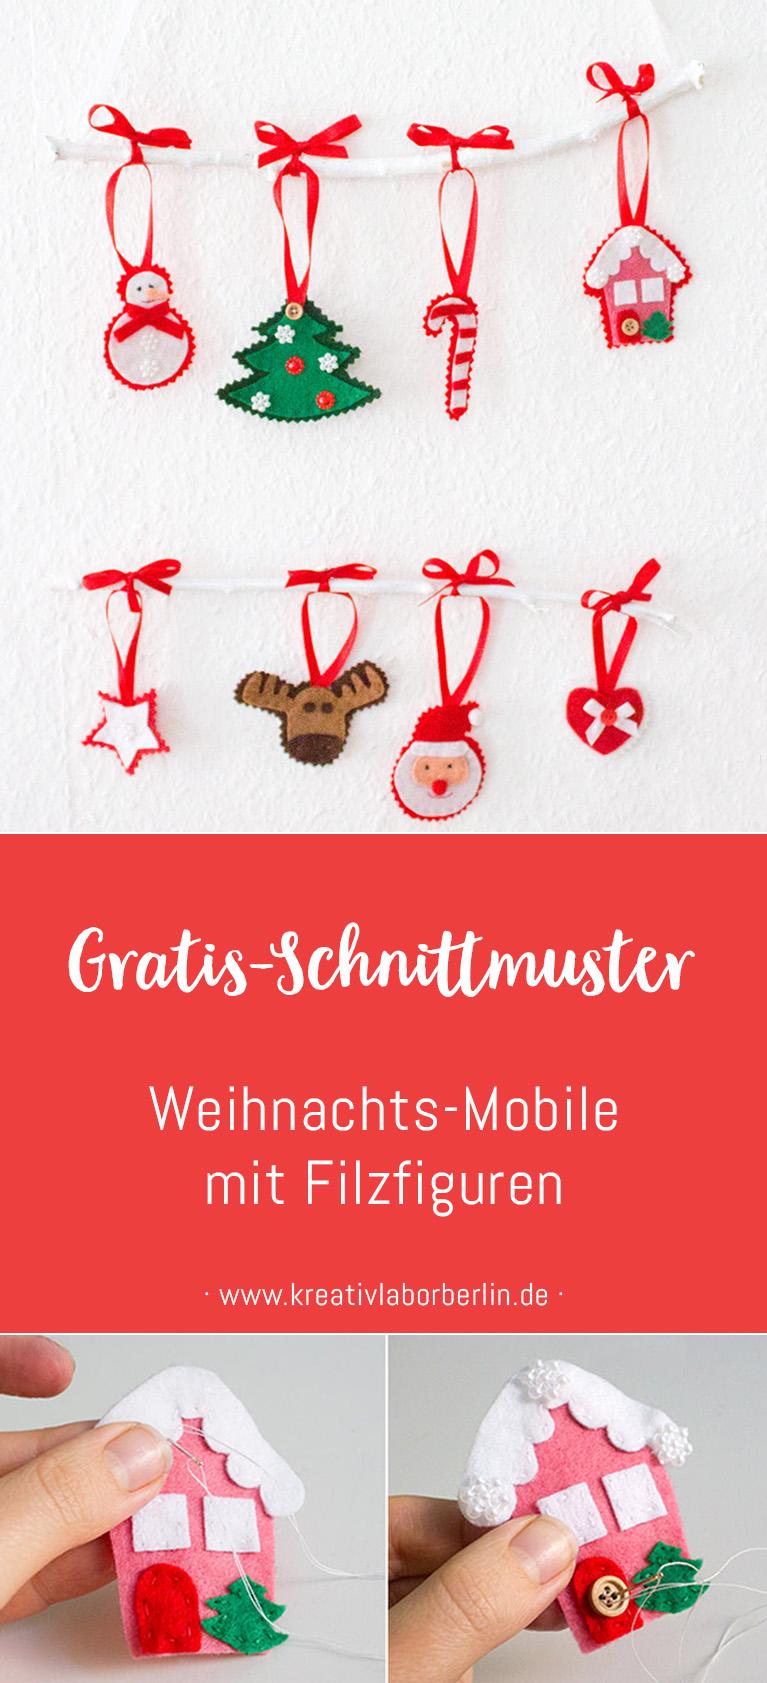 DIY-Anleitung: Weihnachtliches Mobile mit Filzfiguren